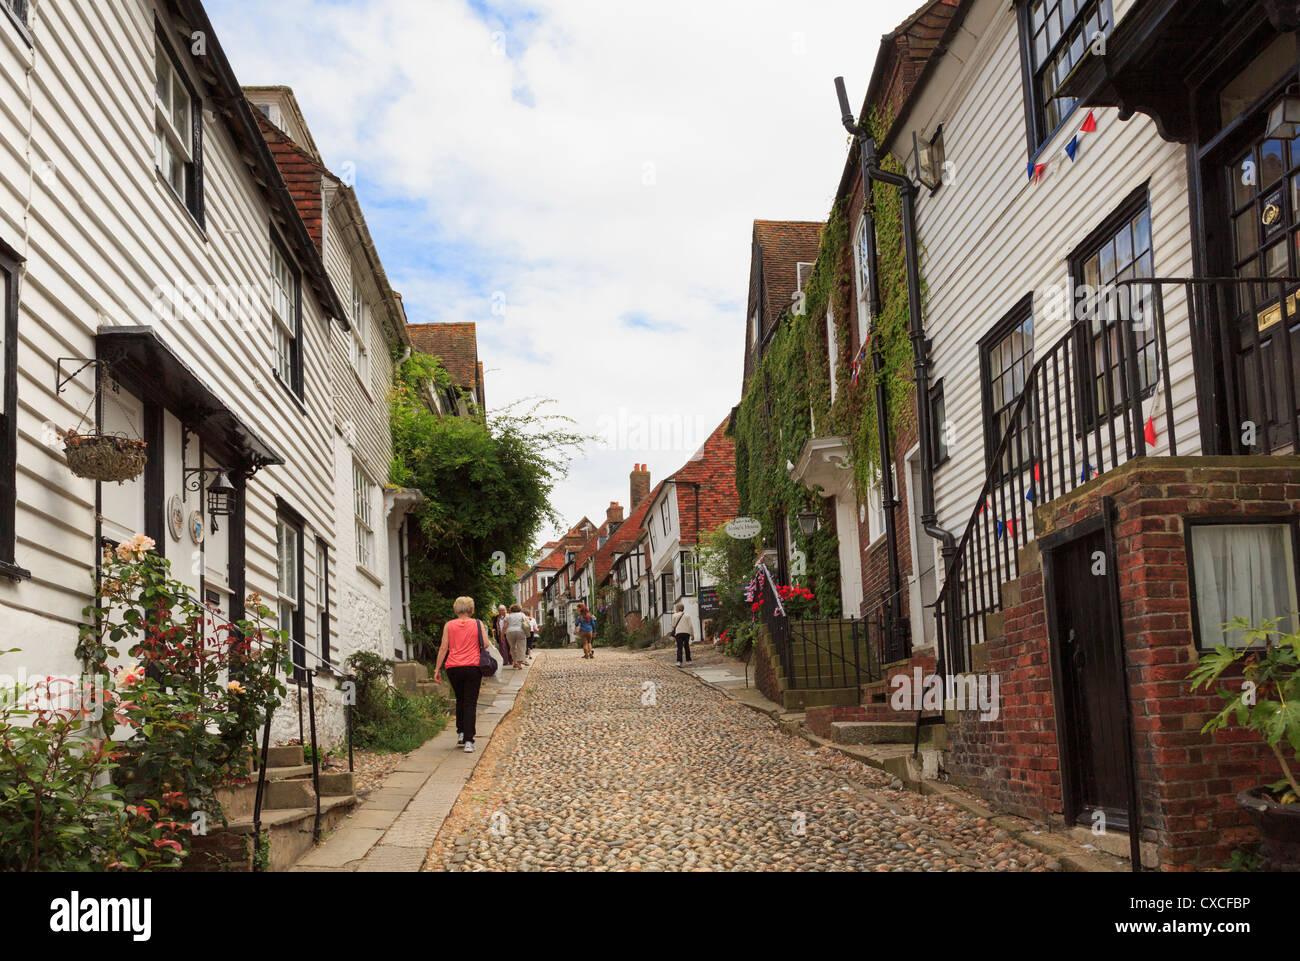 Voir la célèbre rue pavées bordées de vieilles maisons pittoresques à Mermaid Street, Rye, Photo Stock